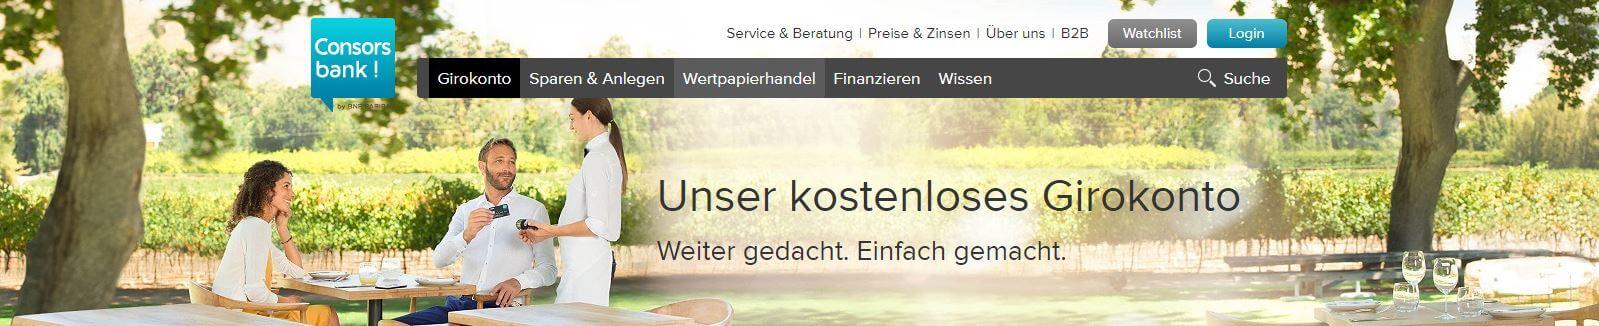 Das kostenlose Girokonto der Consorsbank kann auch online eingerichtet werden